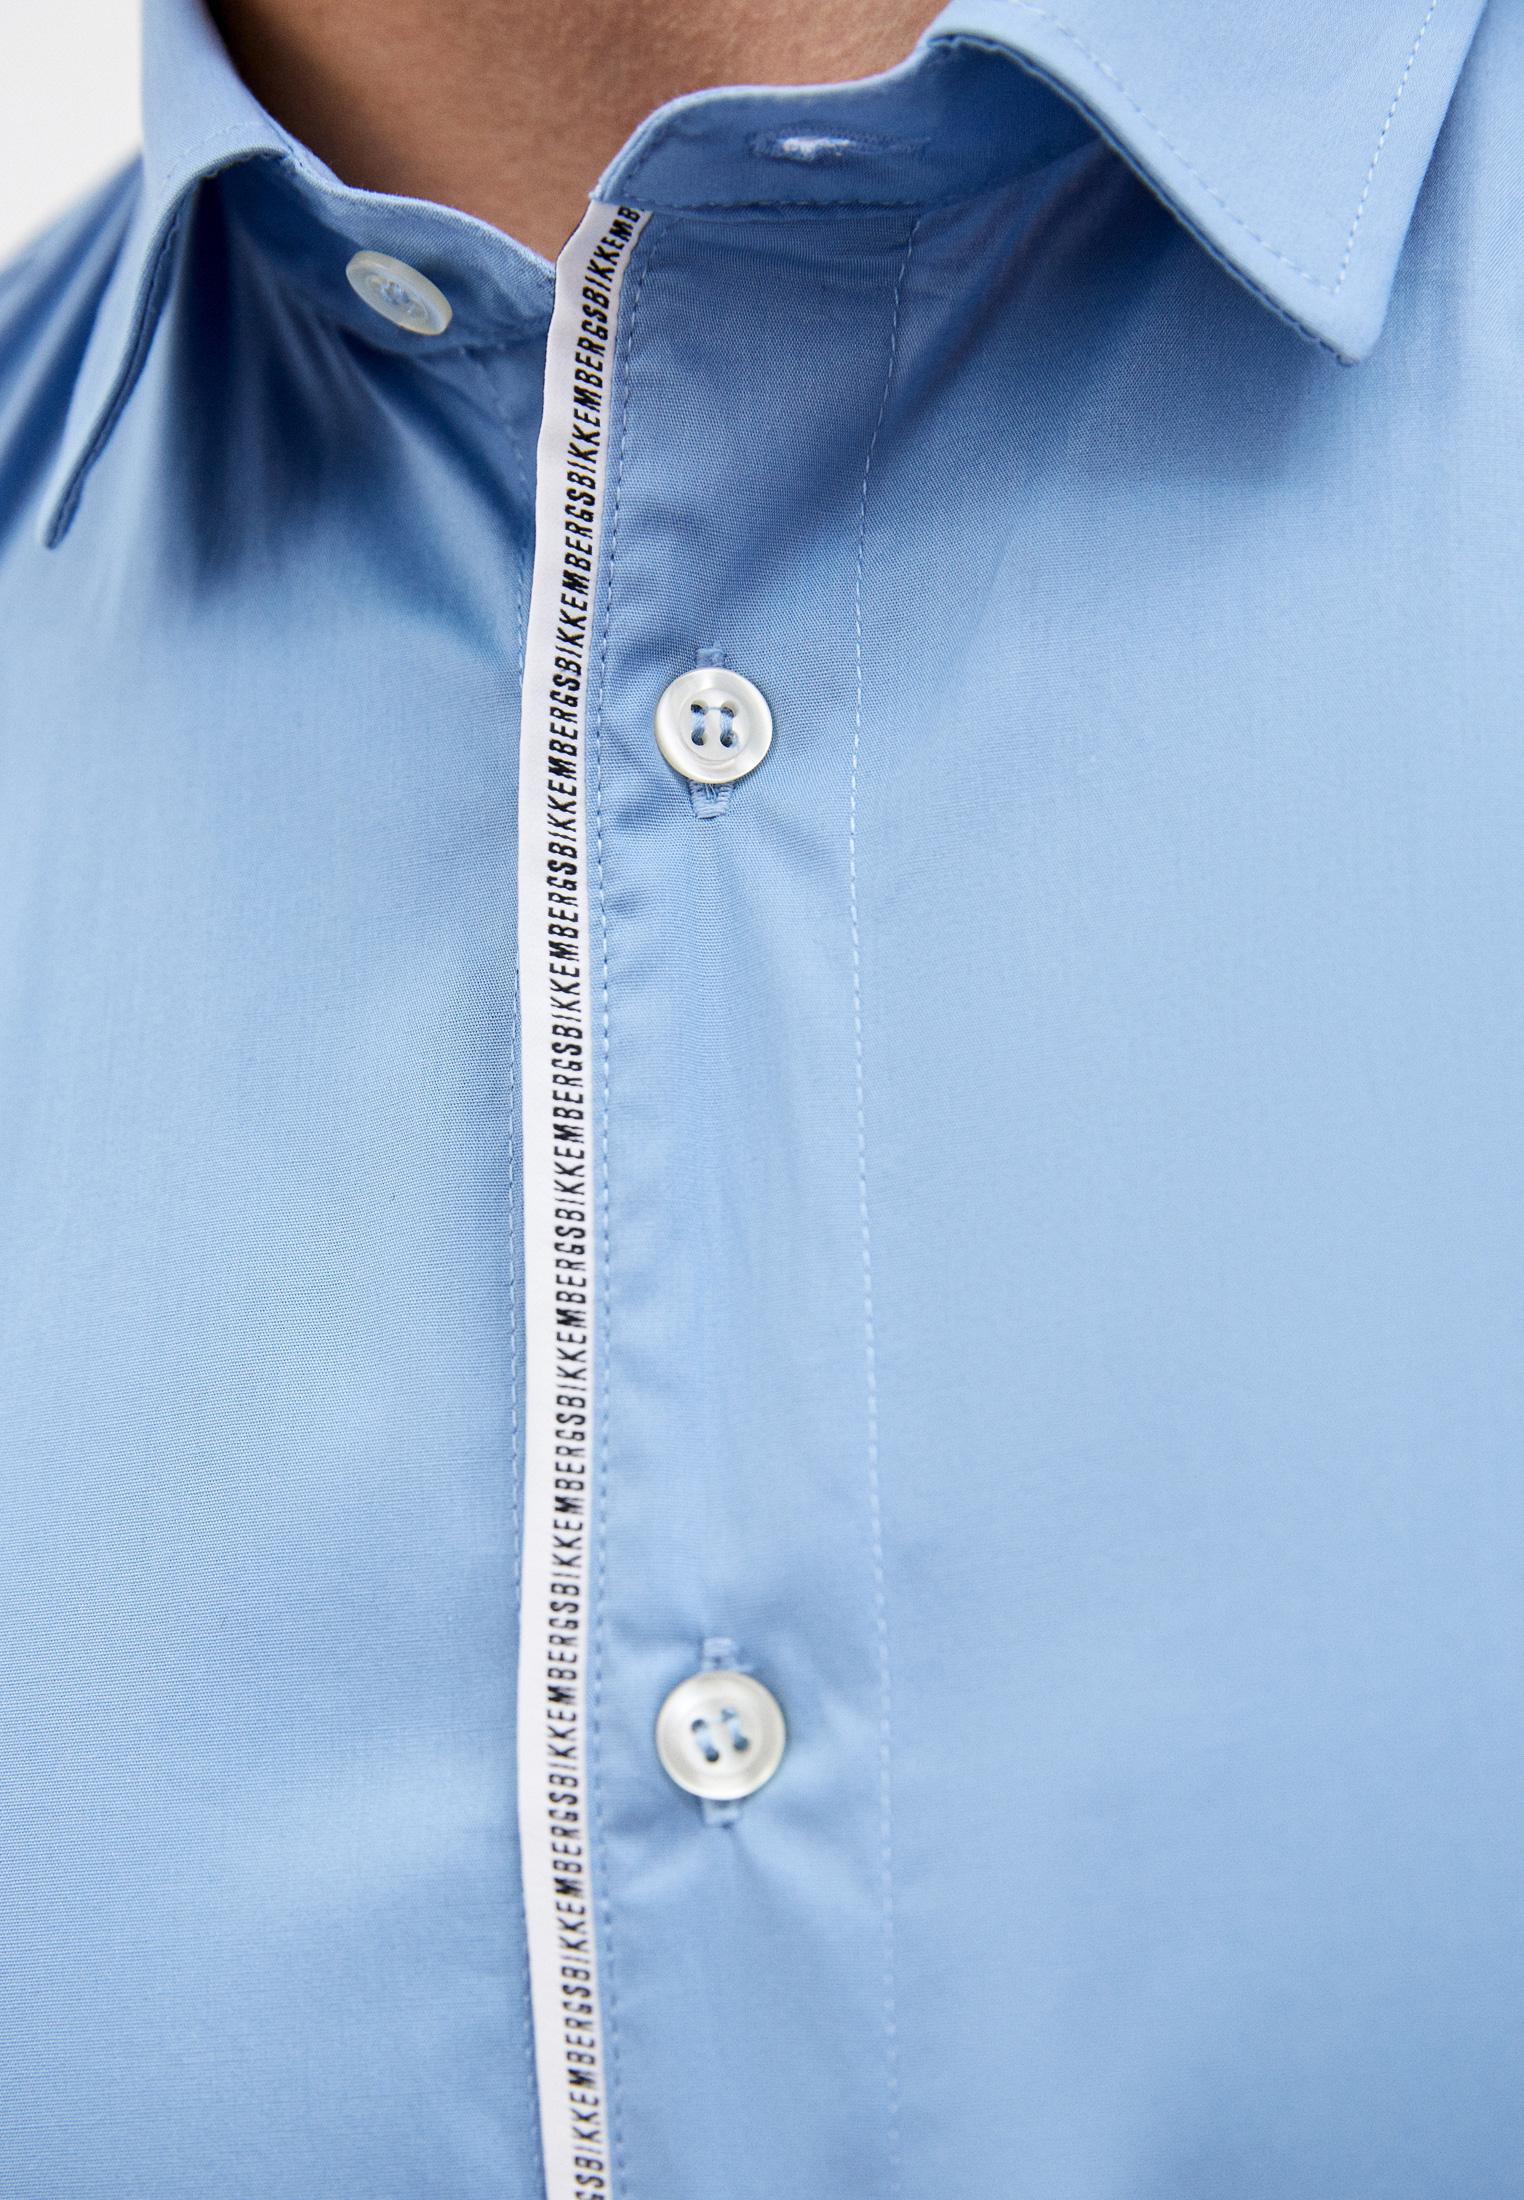 Рубашка с длинным рукавом Bikkembergs (Биккембергс) C C 072 00 S 2931: изображение 5